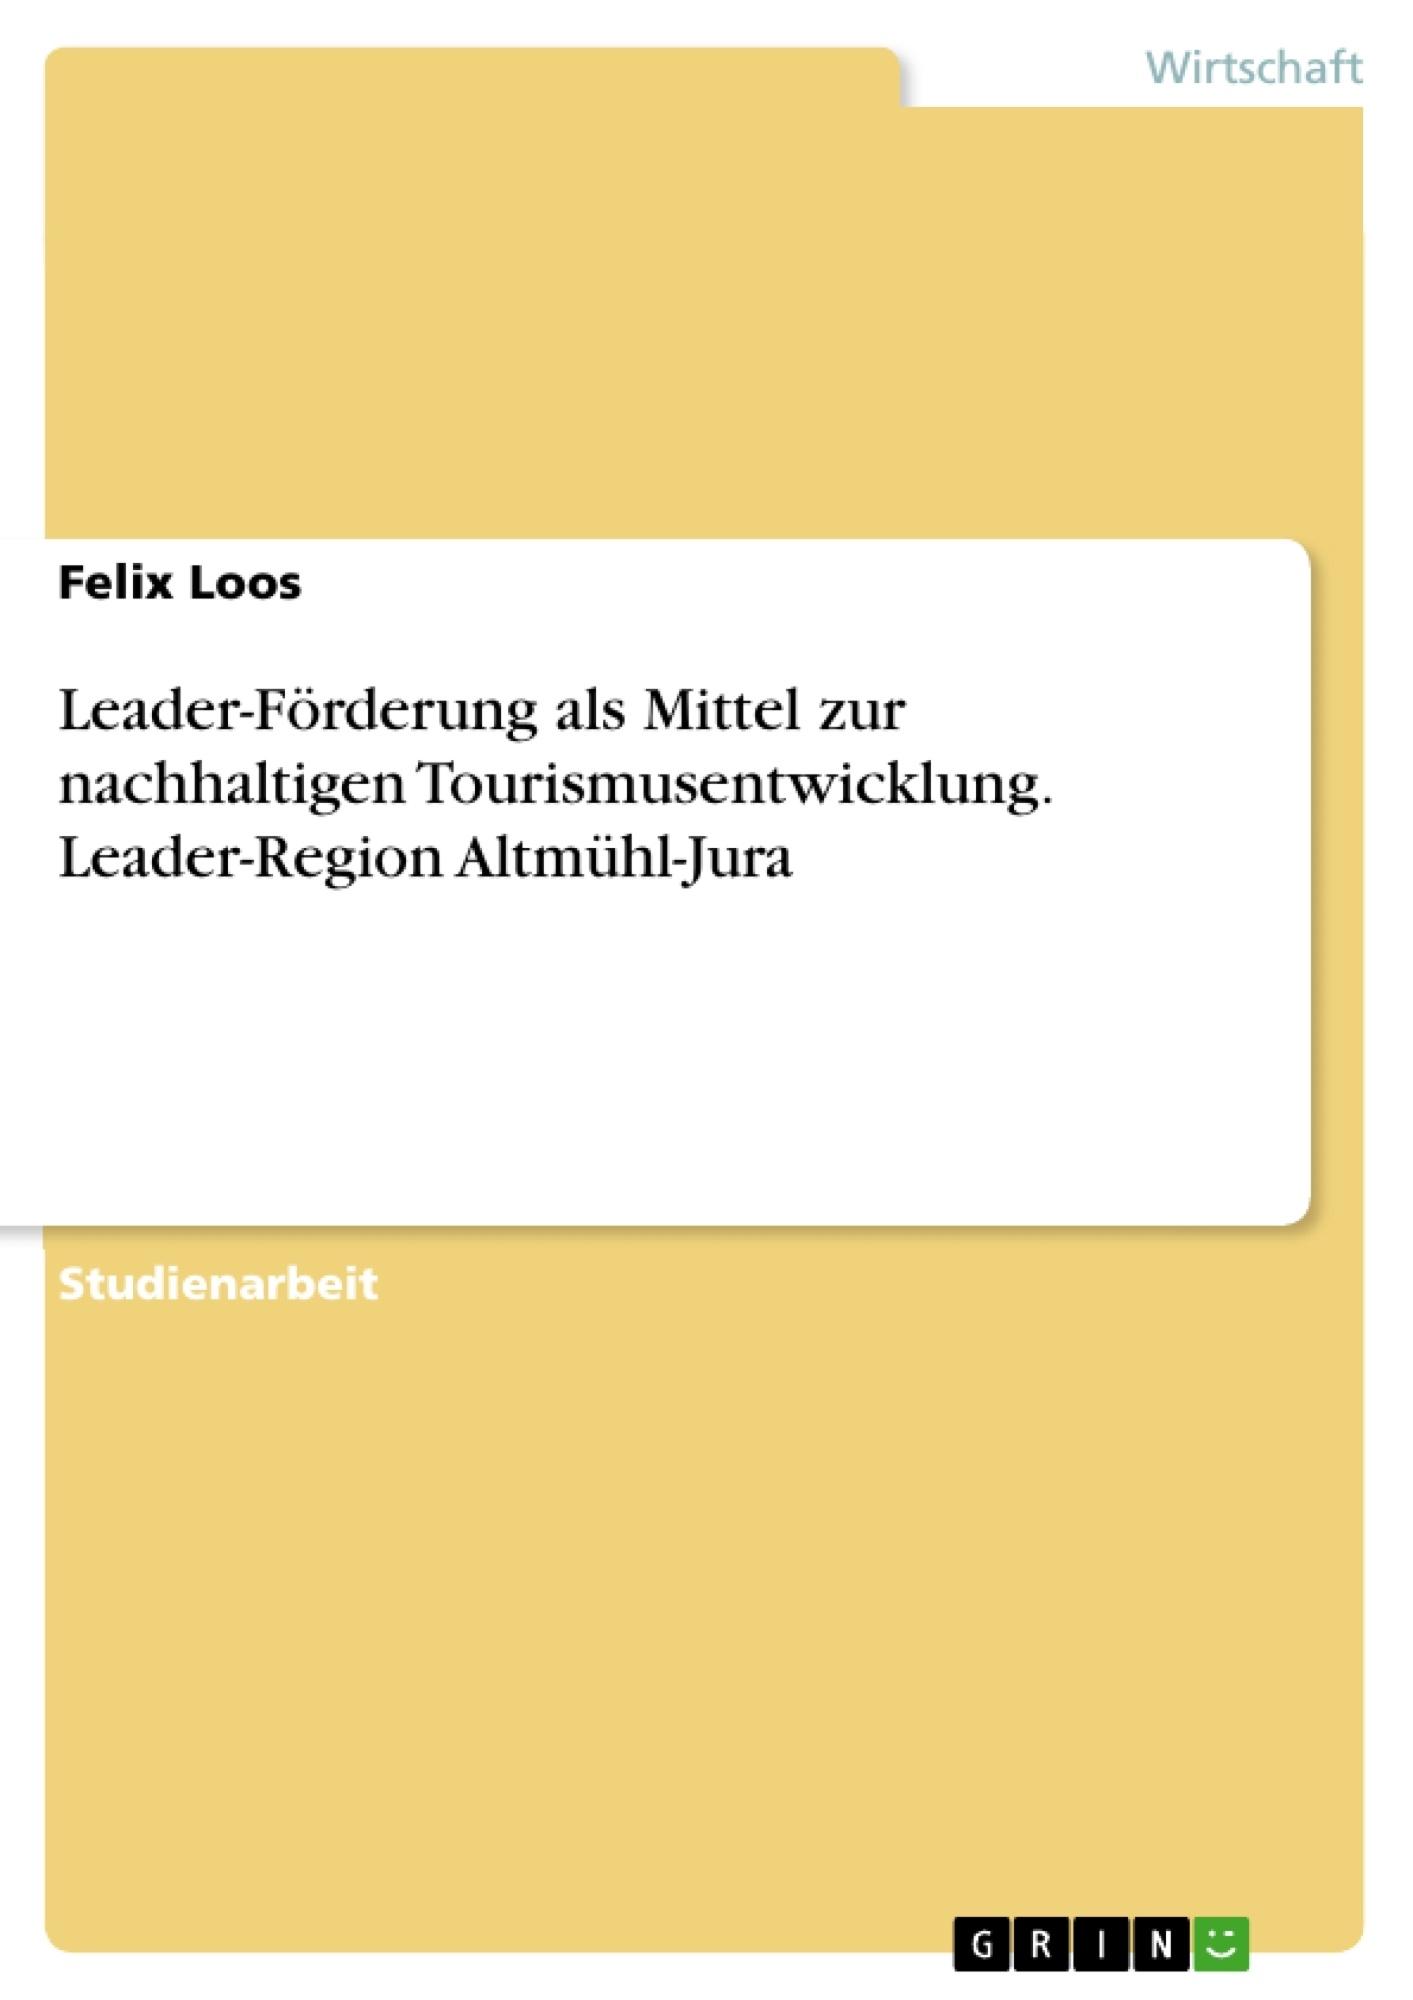 Titel: Leader-Förderung als Mittel zur nachhaltigen Tourismusentwicklung. Leader-Region Altmühl-Jura